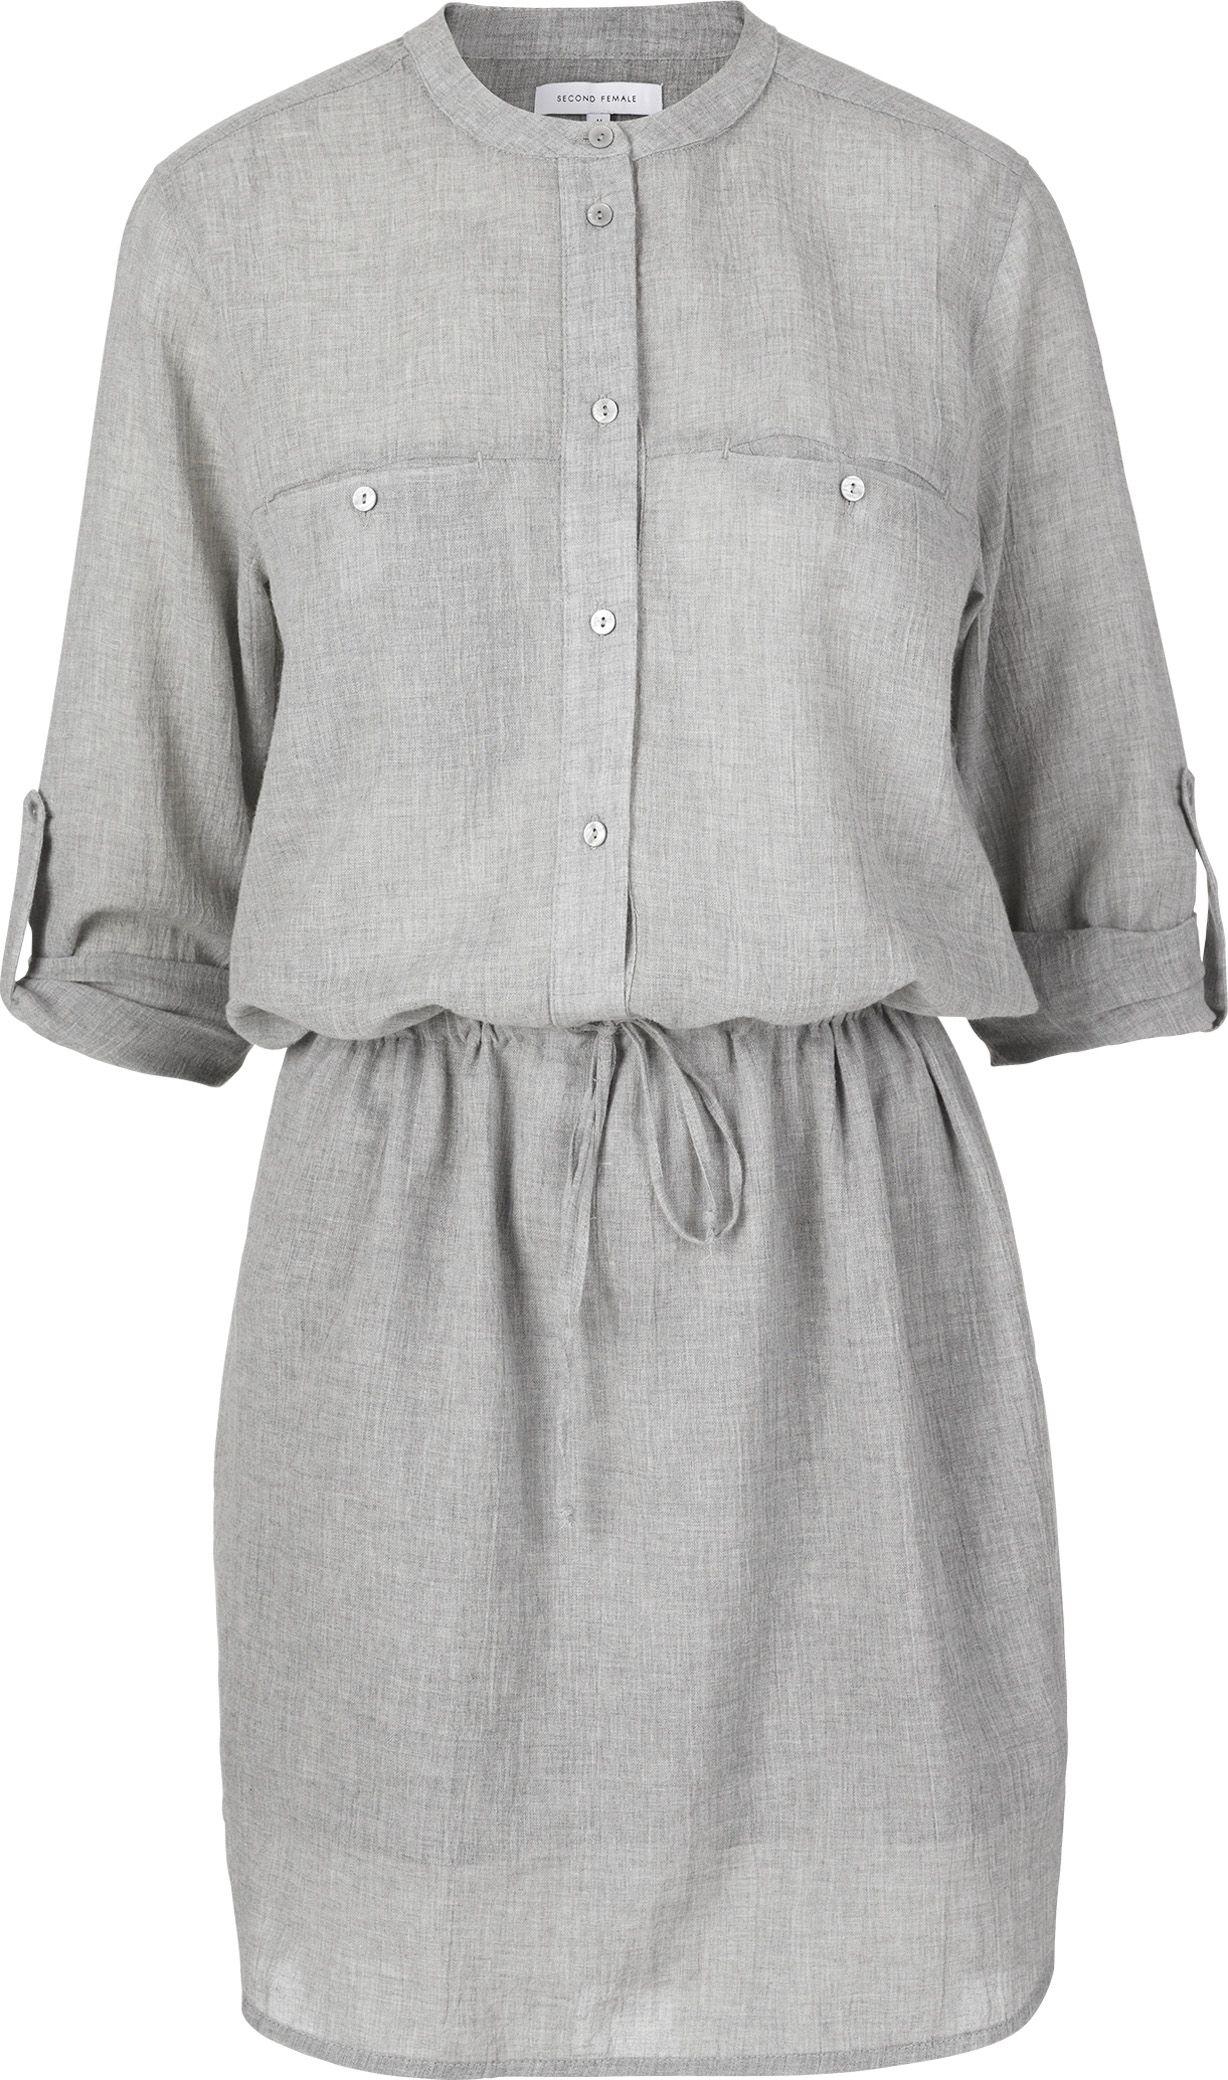 25fbe2be9c2 Lavine kjole fra Second Female – Køb online på Magasin.dk | sy ...